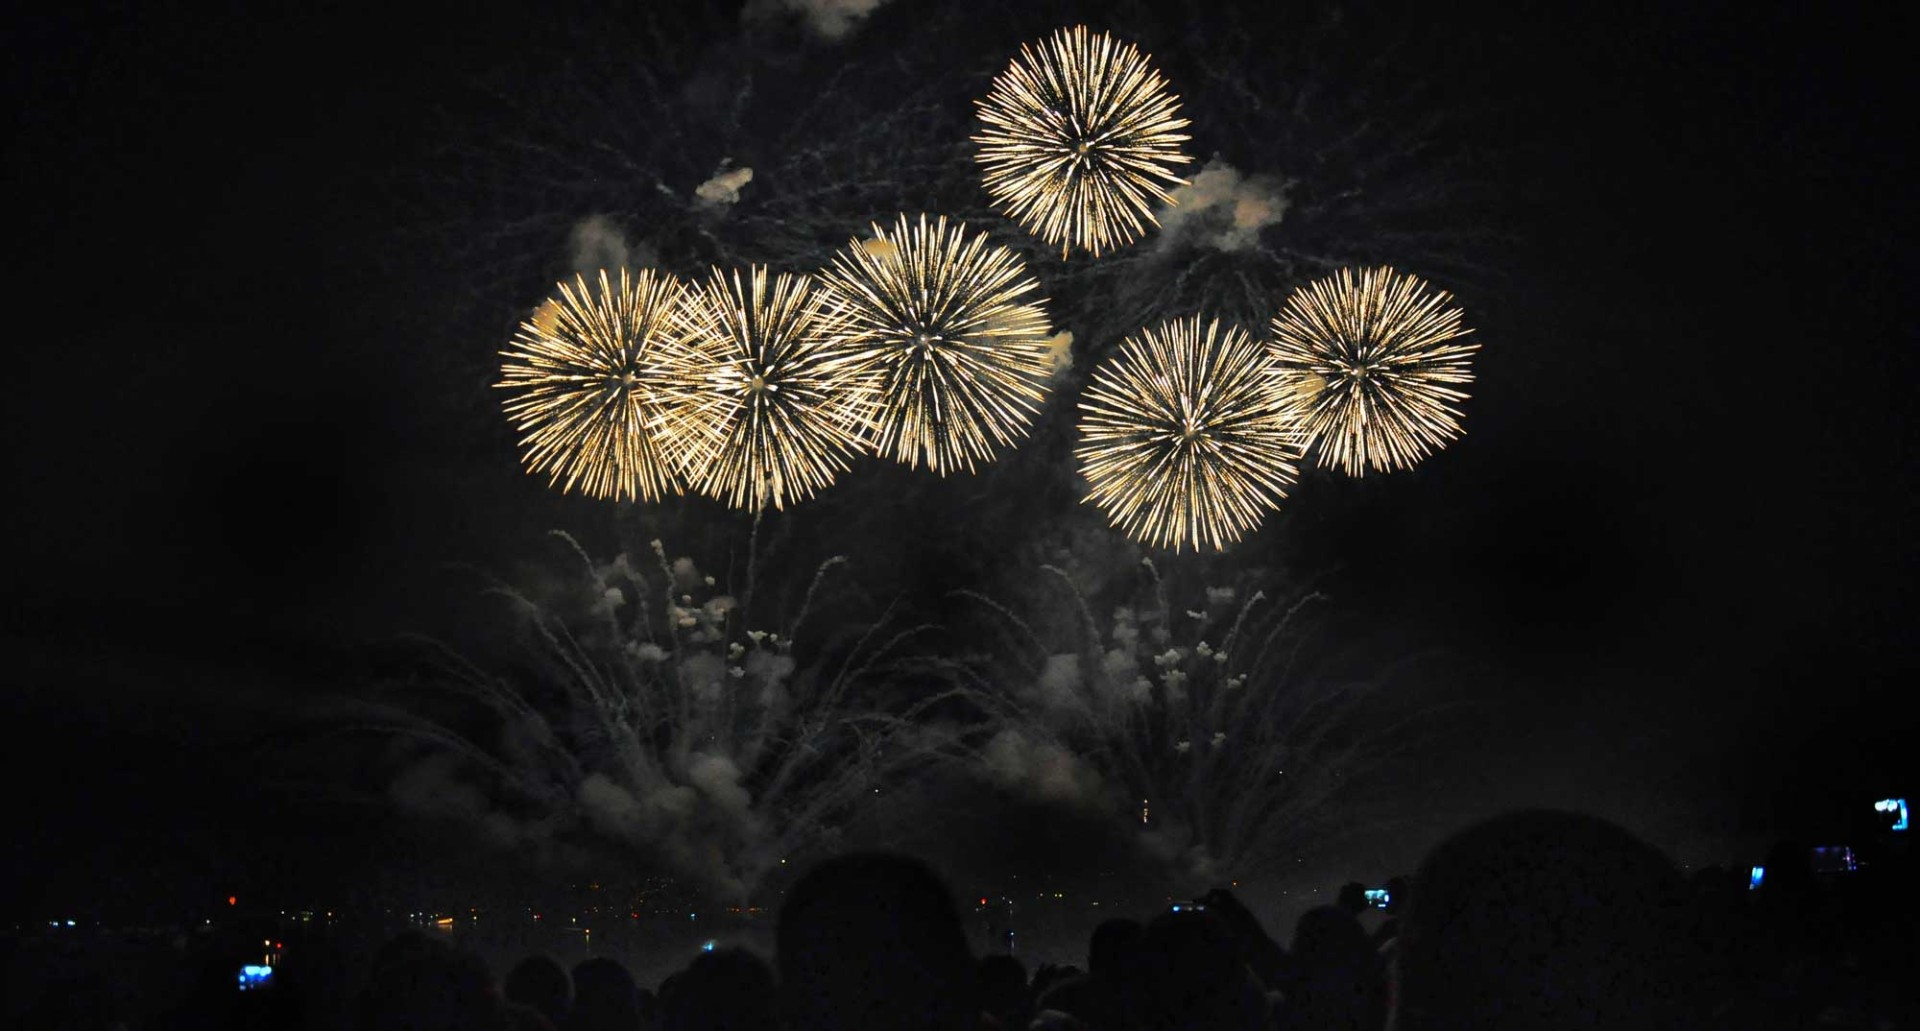 Fireworks in Zurich -Switzerland